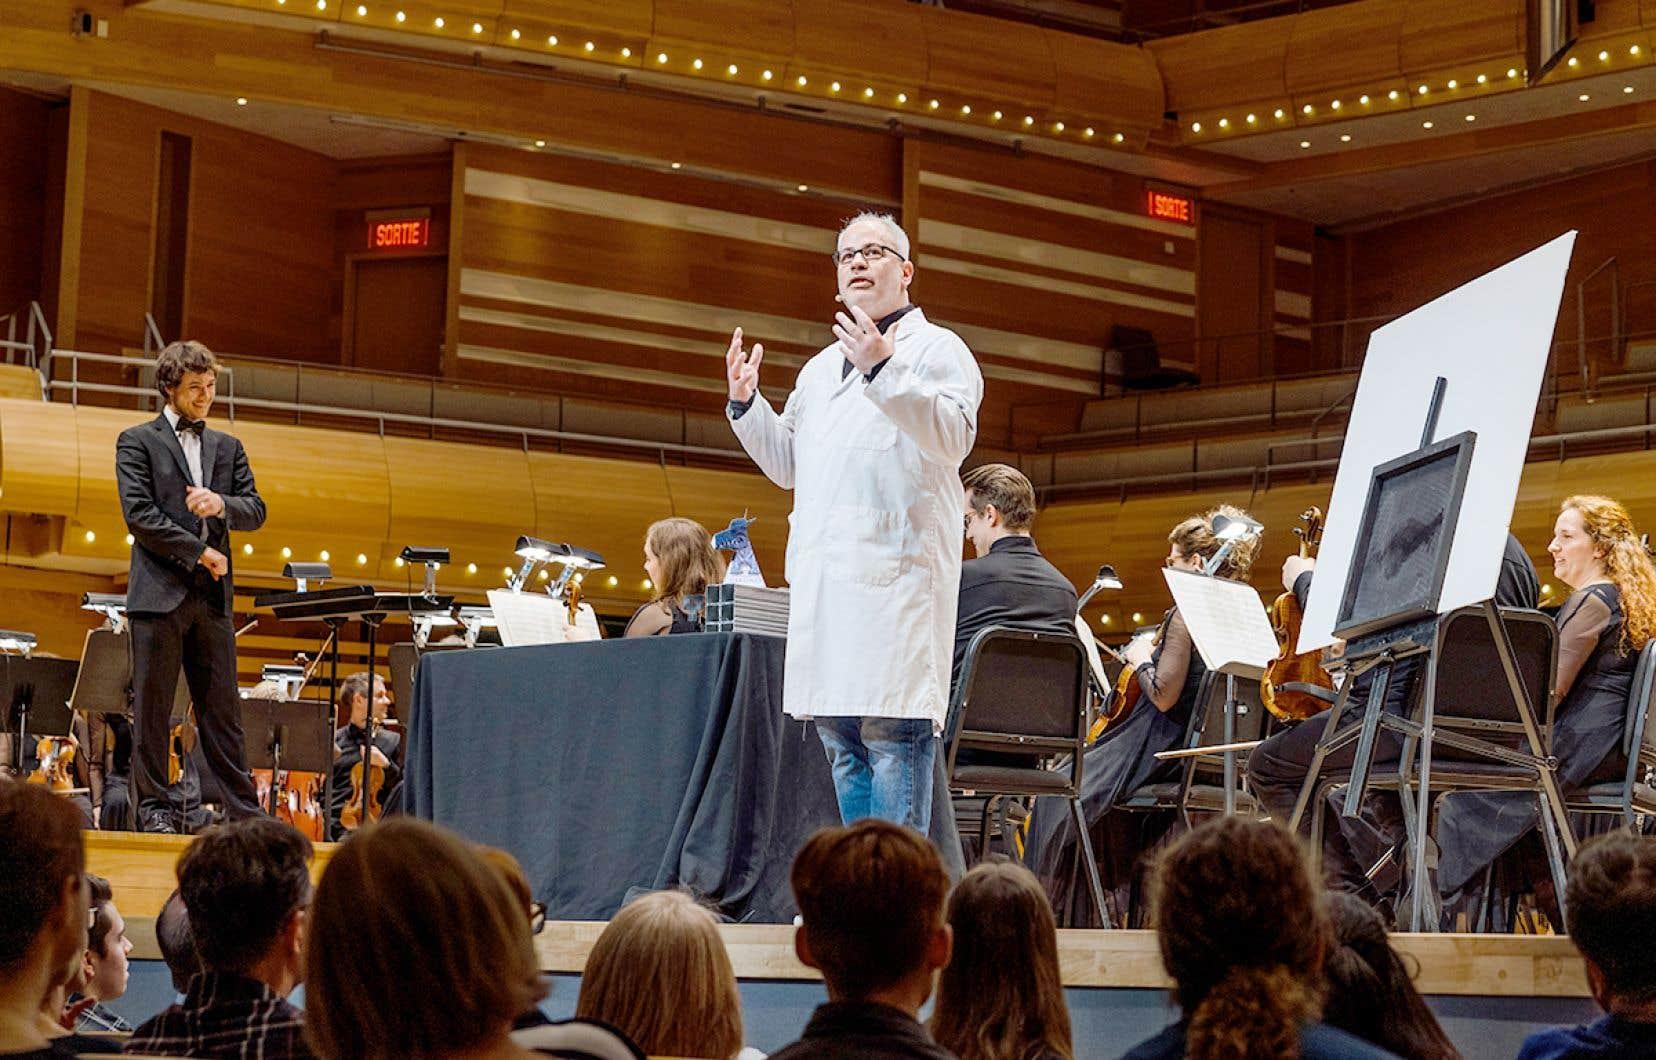 Le chef d'orchestre Nicolas Ellis et le vulgarisateur scientifique Martin Carli présentent en tandem le concert <em>L'eau et le feu : Génial!</em>